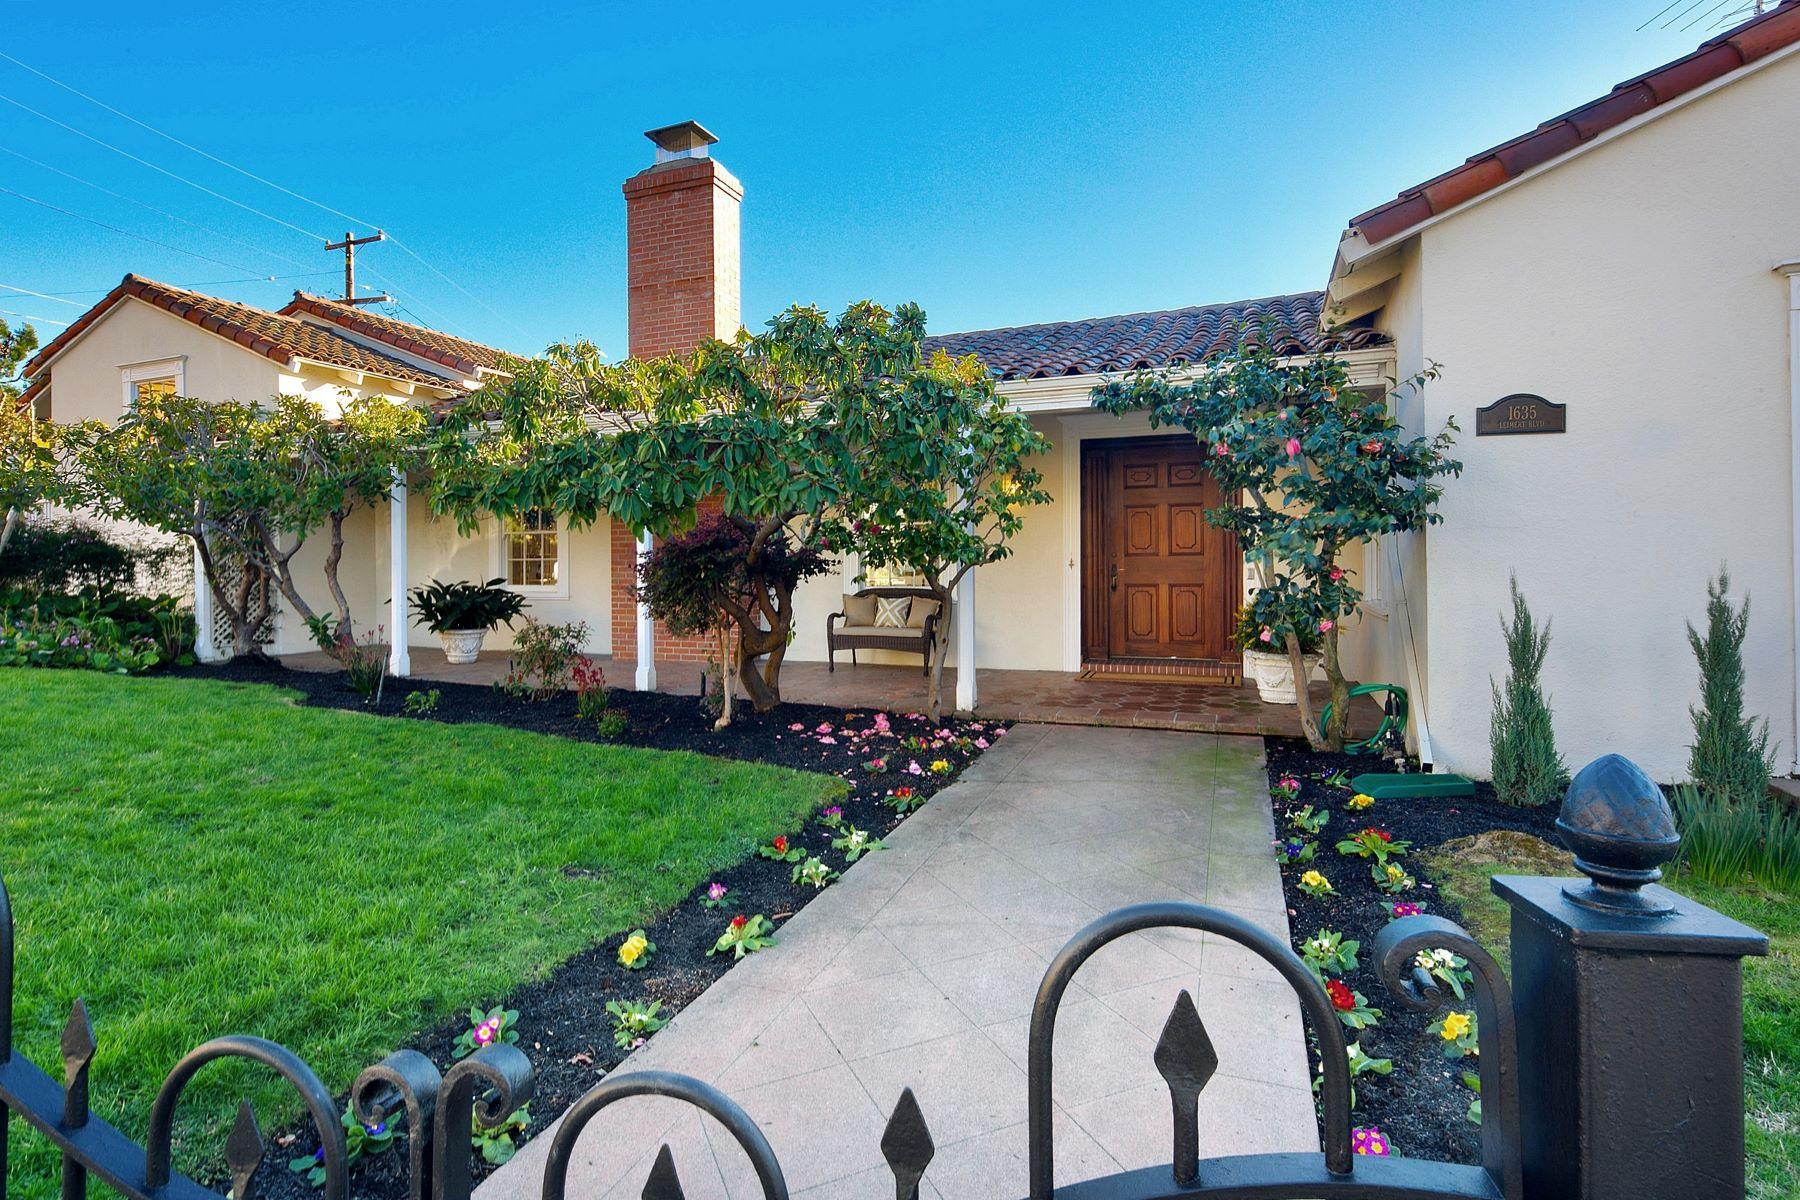 Casa Unifamiliar por un Venta en Welcome To This Classic Mediterranean Style Home 1635 Leimert Boulevard Oakland, California 94602 Estados Unidos